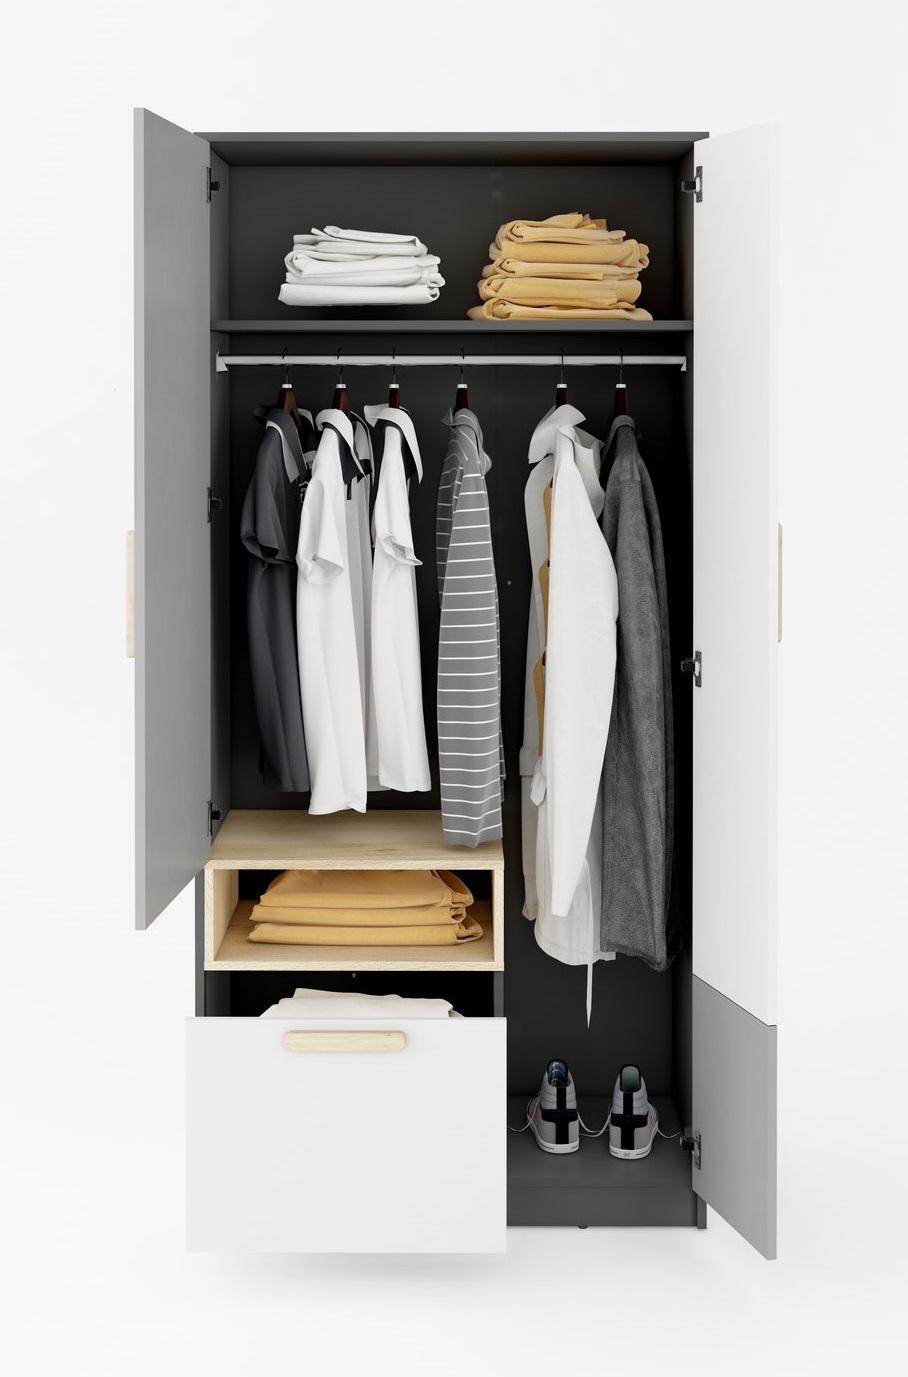 meble POK wnętrze szafy PO-02